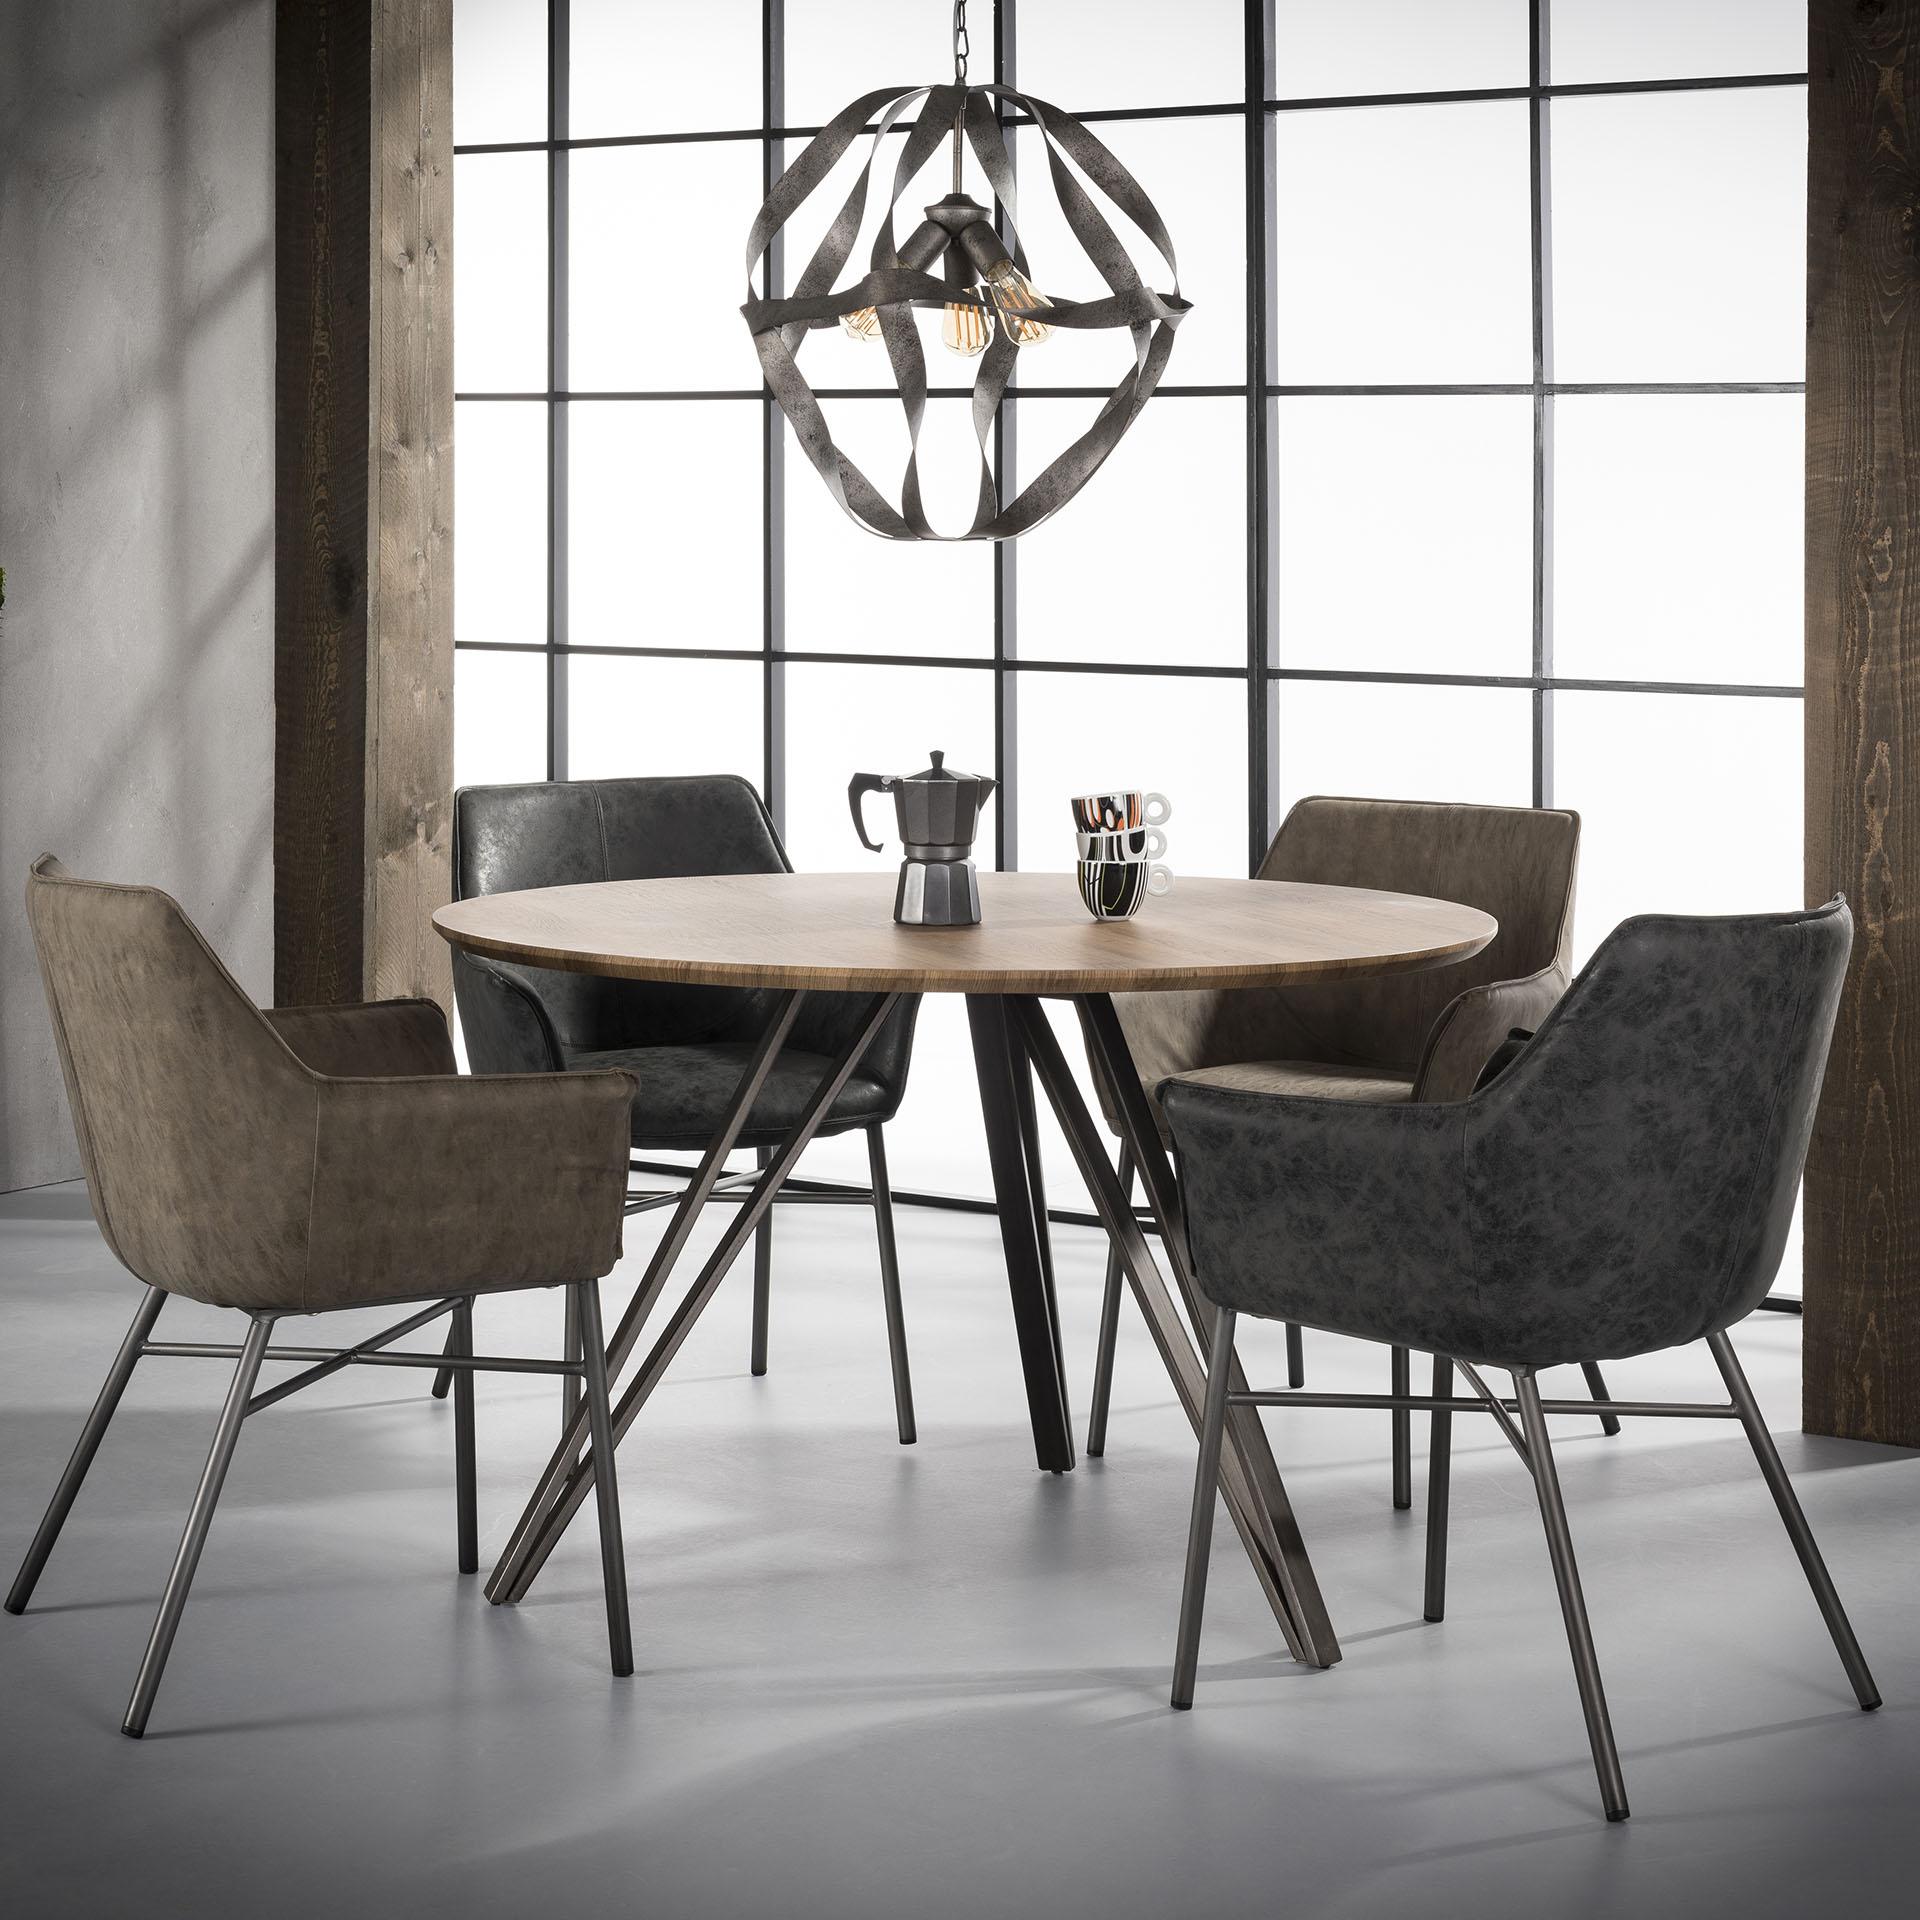 Table A Manger Ronde.Table A Manger Ronde Helsinki Ref 30021991